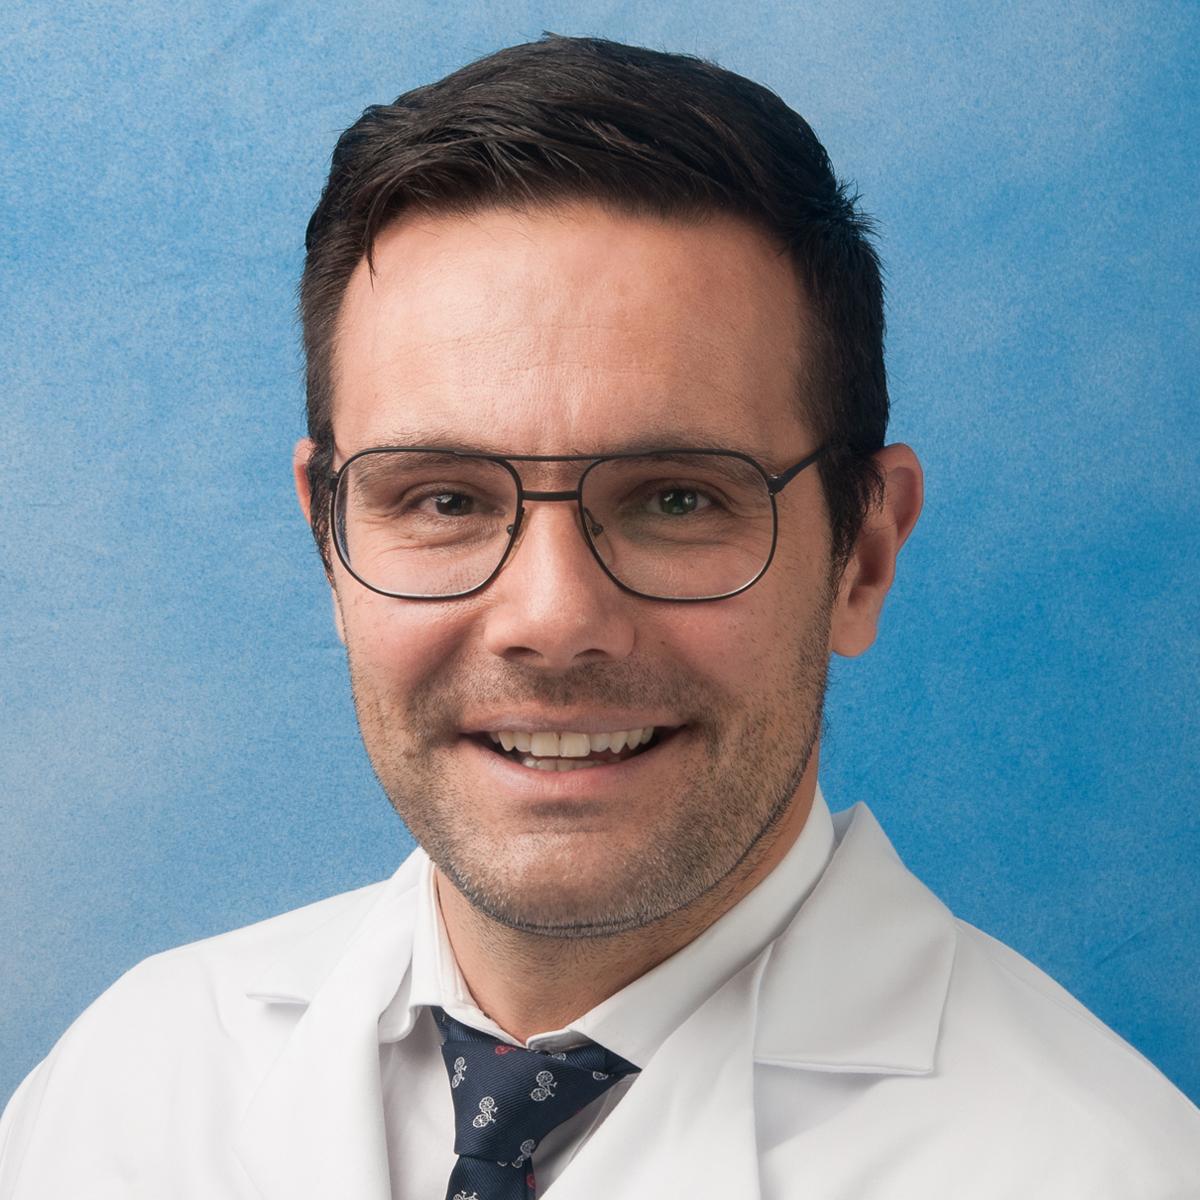 Dr. Mladen Jecmenica